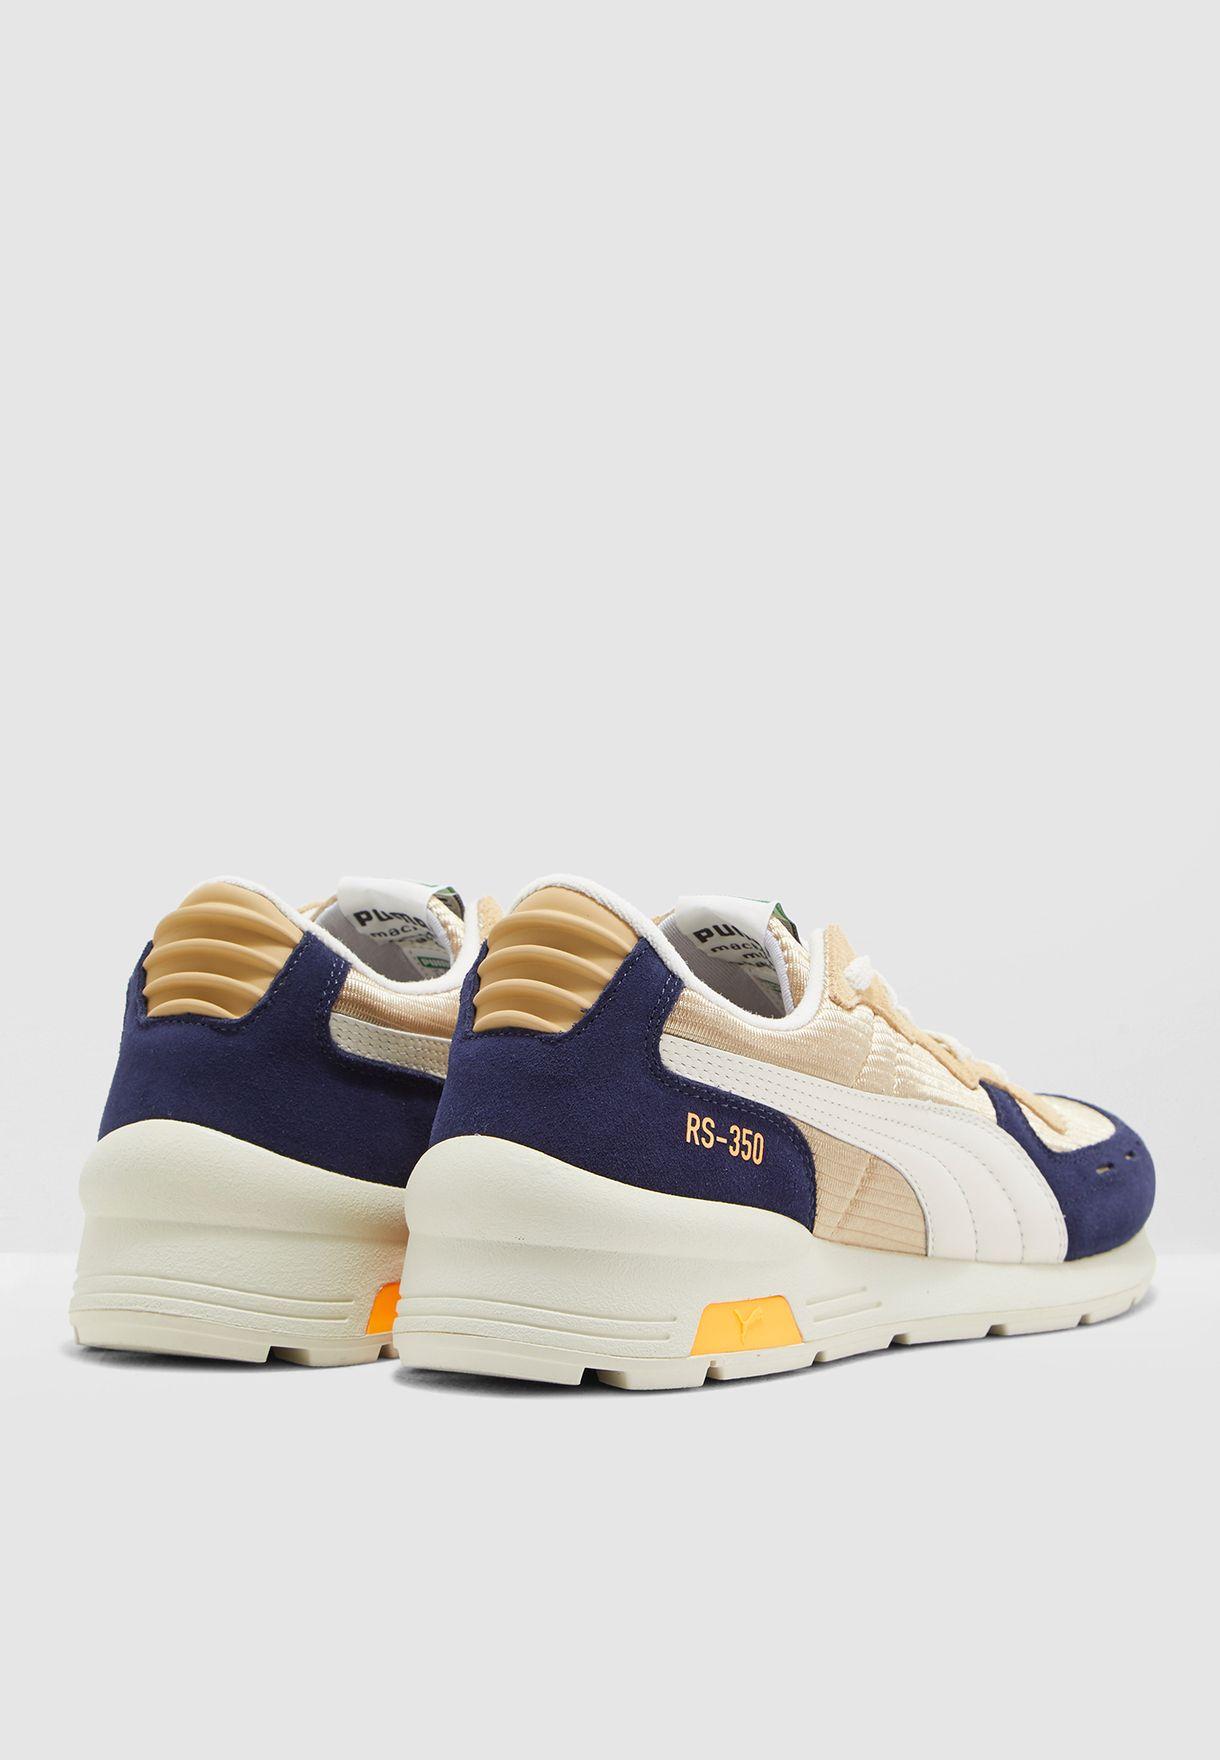 حذاء ار اس-350 او جي